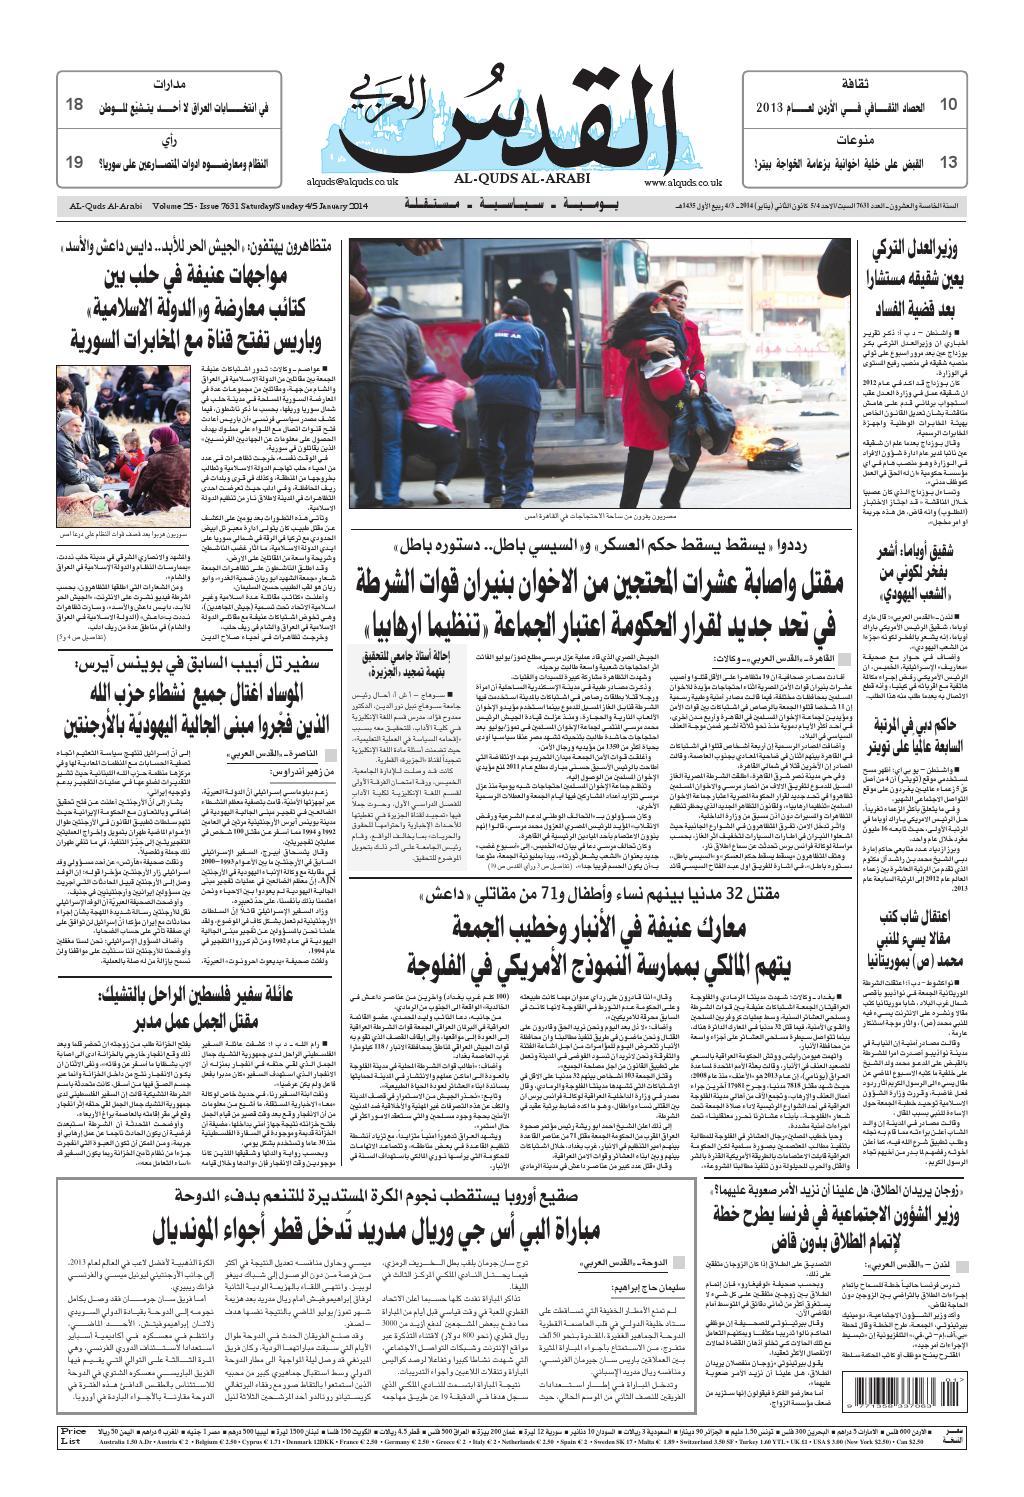 1d284c181 صحيفة القدس العربي , السبت والأحد 04/05.01.2014 by مركز الحدث - issuu